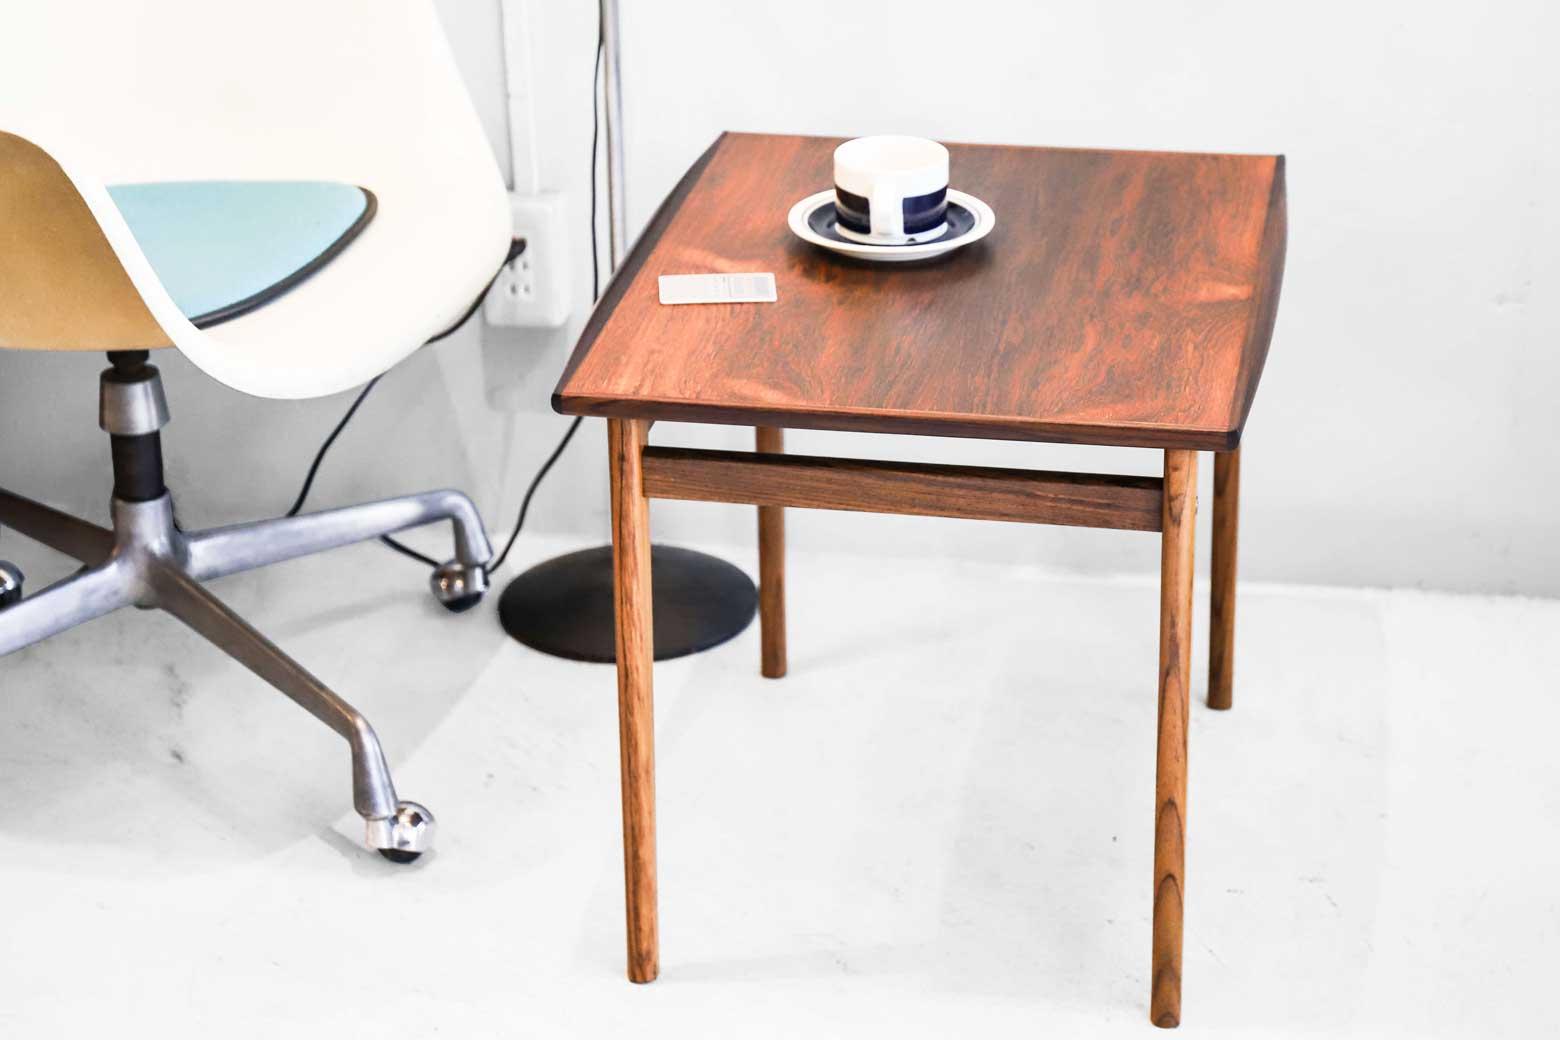 ローズウッドの特徴である美しい木目と心地よい肌触りが存分に味わえるサイドテーブル。 天板両サイドのエッジ部分に色味の濃いローズウッドを組み合わせて作りだされた、緩やかで丸みのある反り返りが優しい印象を与えてくれます。 シンプルなだけでなく、ちょっとしたアクセントが効いた、細部までこだわりが感じられるテーブルです。 経年や使用による細かなキズや擦れがございますが、比較的状態は良好です。 ローズウッドらしい上品な艶となめらかな質感を永くお楽しみいただくために、定期的にオイルを塗ってメンテナンスしていただくことをおすすめいたします。 天板に目を落とす度に思わずうっとりしてしまうほどに美しい木目と、濃淡のあるローズウッドを組み合わせた色合いのコントラストが印象的なテーブルです。 ソファやベッドの隣で使えるコンパクトなサイズ感もまた魅力です。 ~【東京都杉並区阿佐ヶ谷北アンティークショップ 古一】 古一/ふるいちでは出張無料買取も行っております。杉並区周辺はもちろん、世田谷区・目黒区・武蔵野市・新宿区等の東京近郊のお見積もりも!ビンテージ家具・インテリア雑貨・ランプ・USED品・ リサイクルなら古一/フルイチへ~